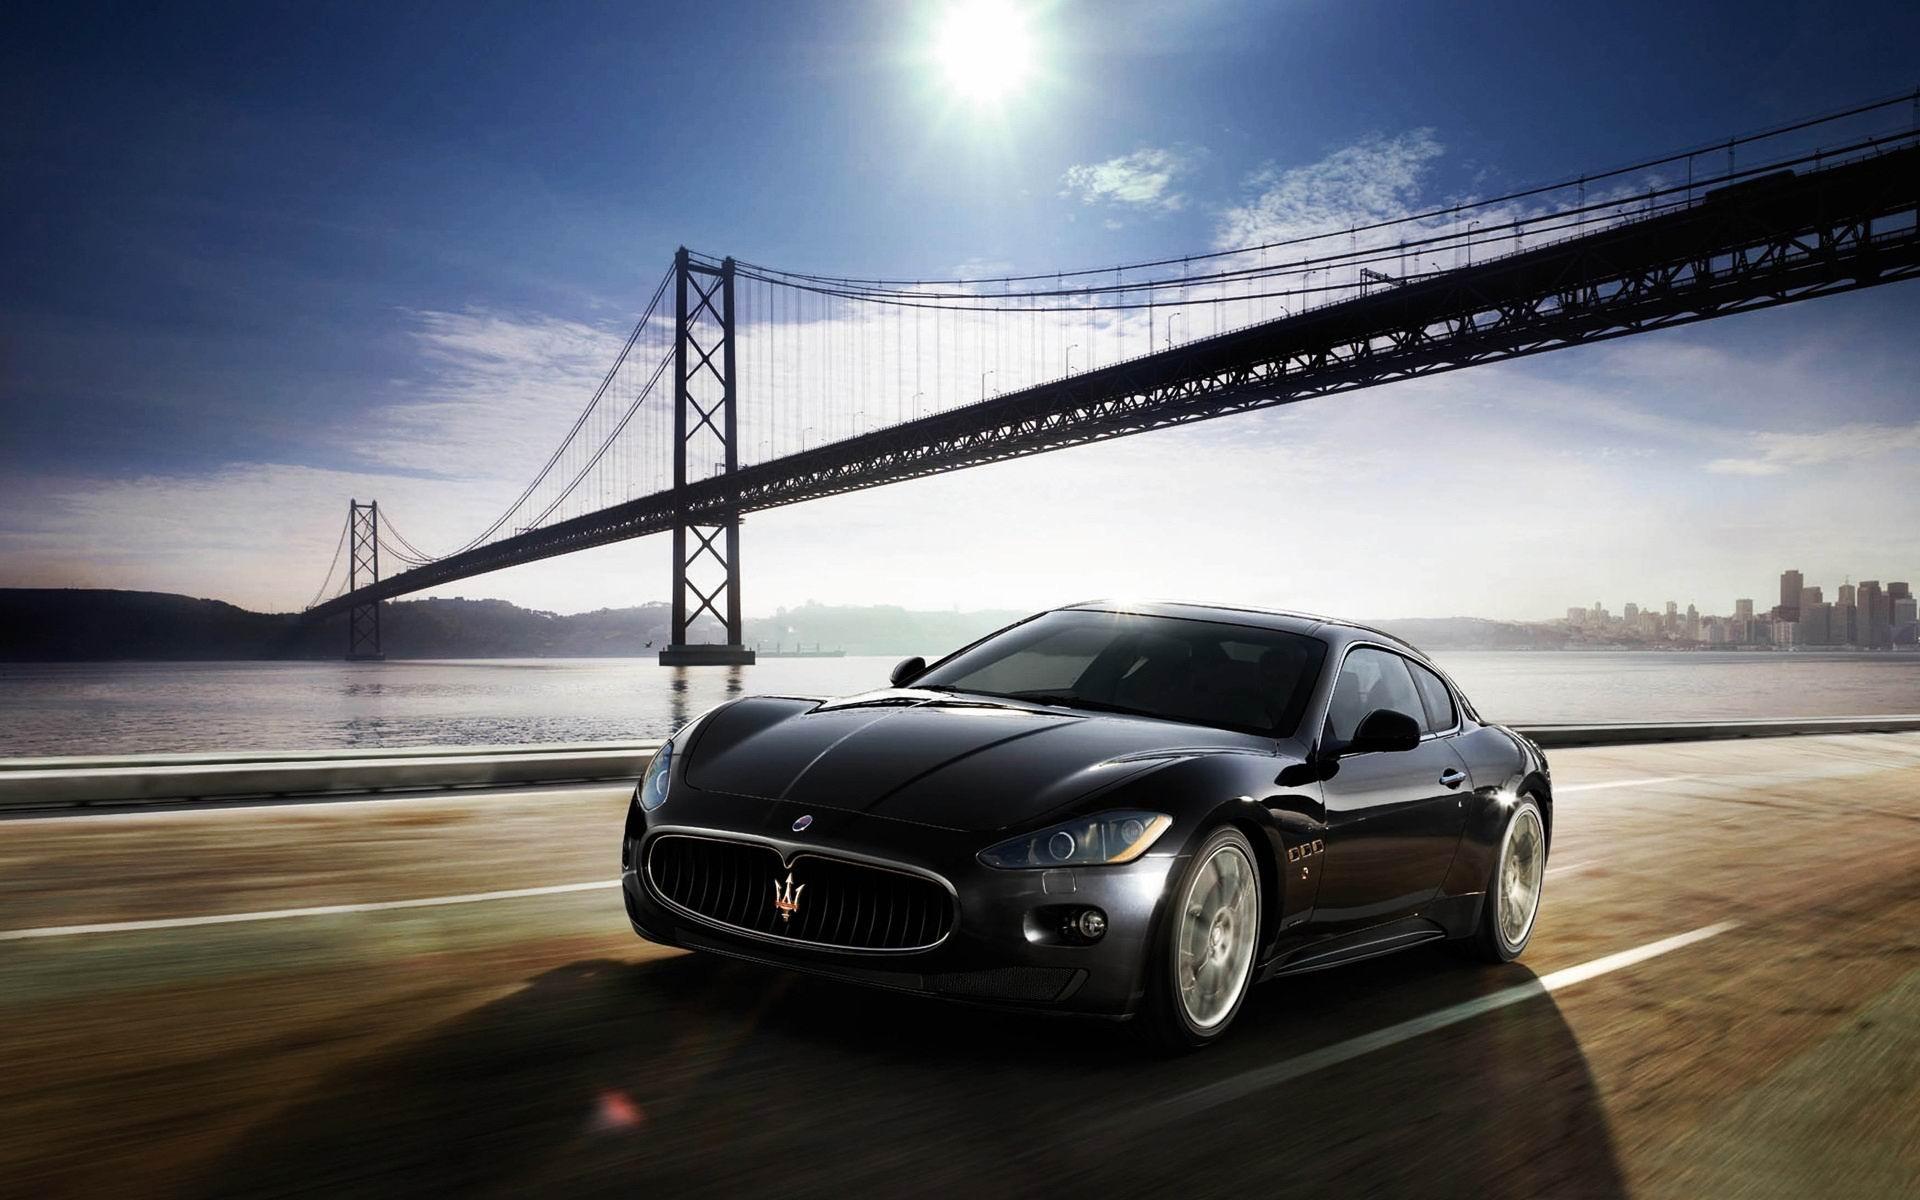 Maserati Granturismo 2012 Coche De Lujo Fondo De Pantalla Hd